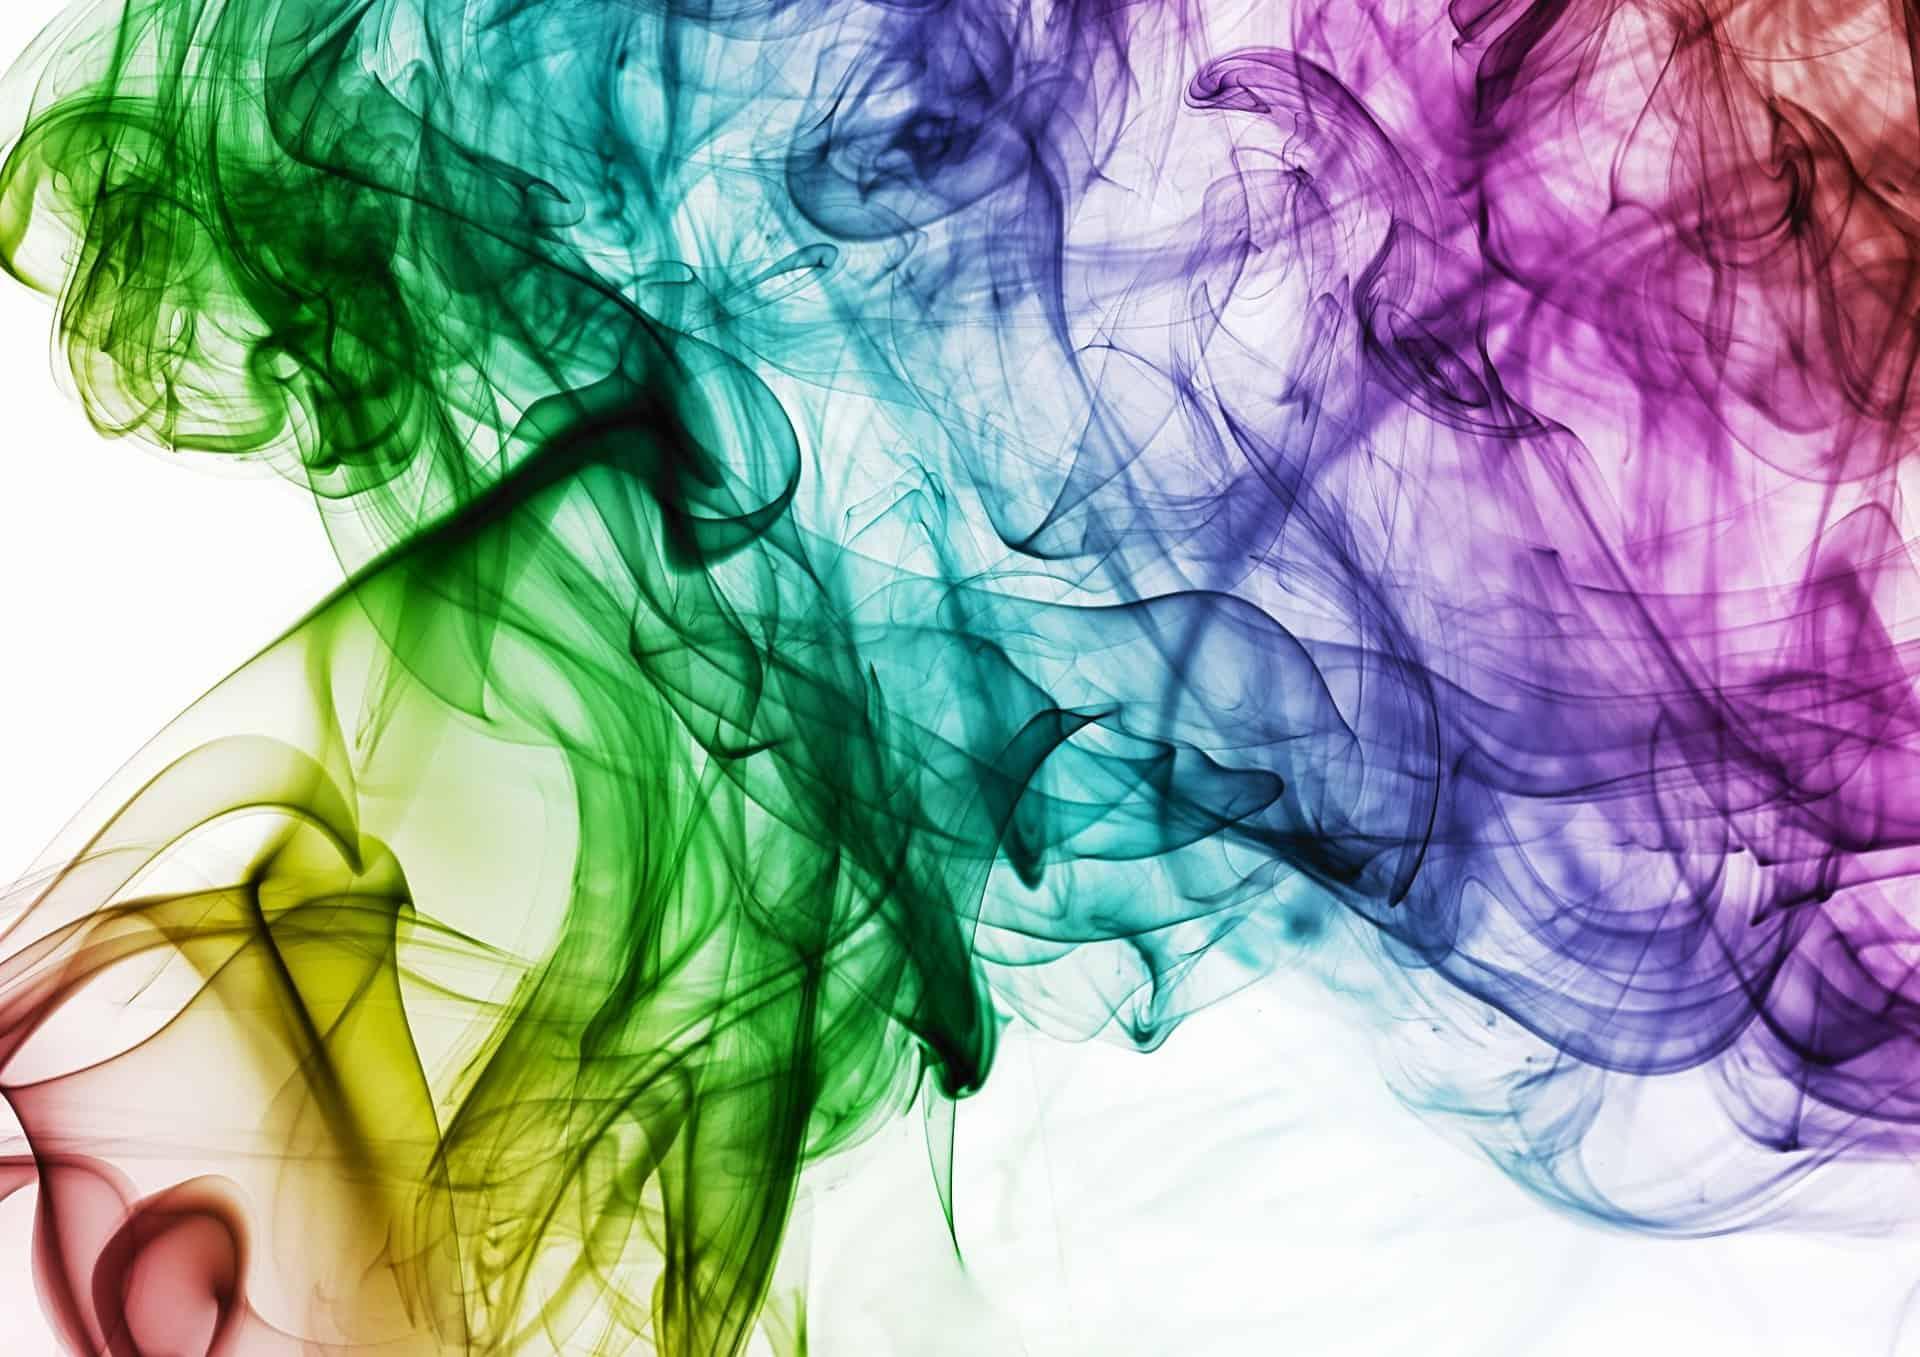 Bunter Rauch Bild